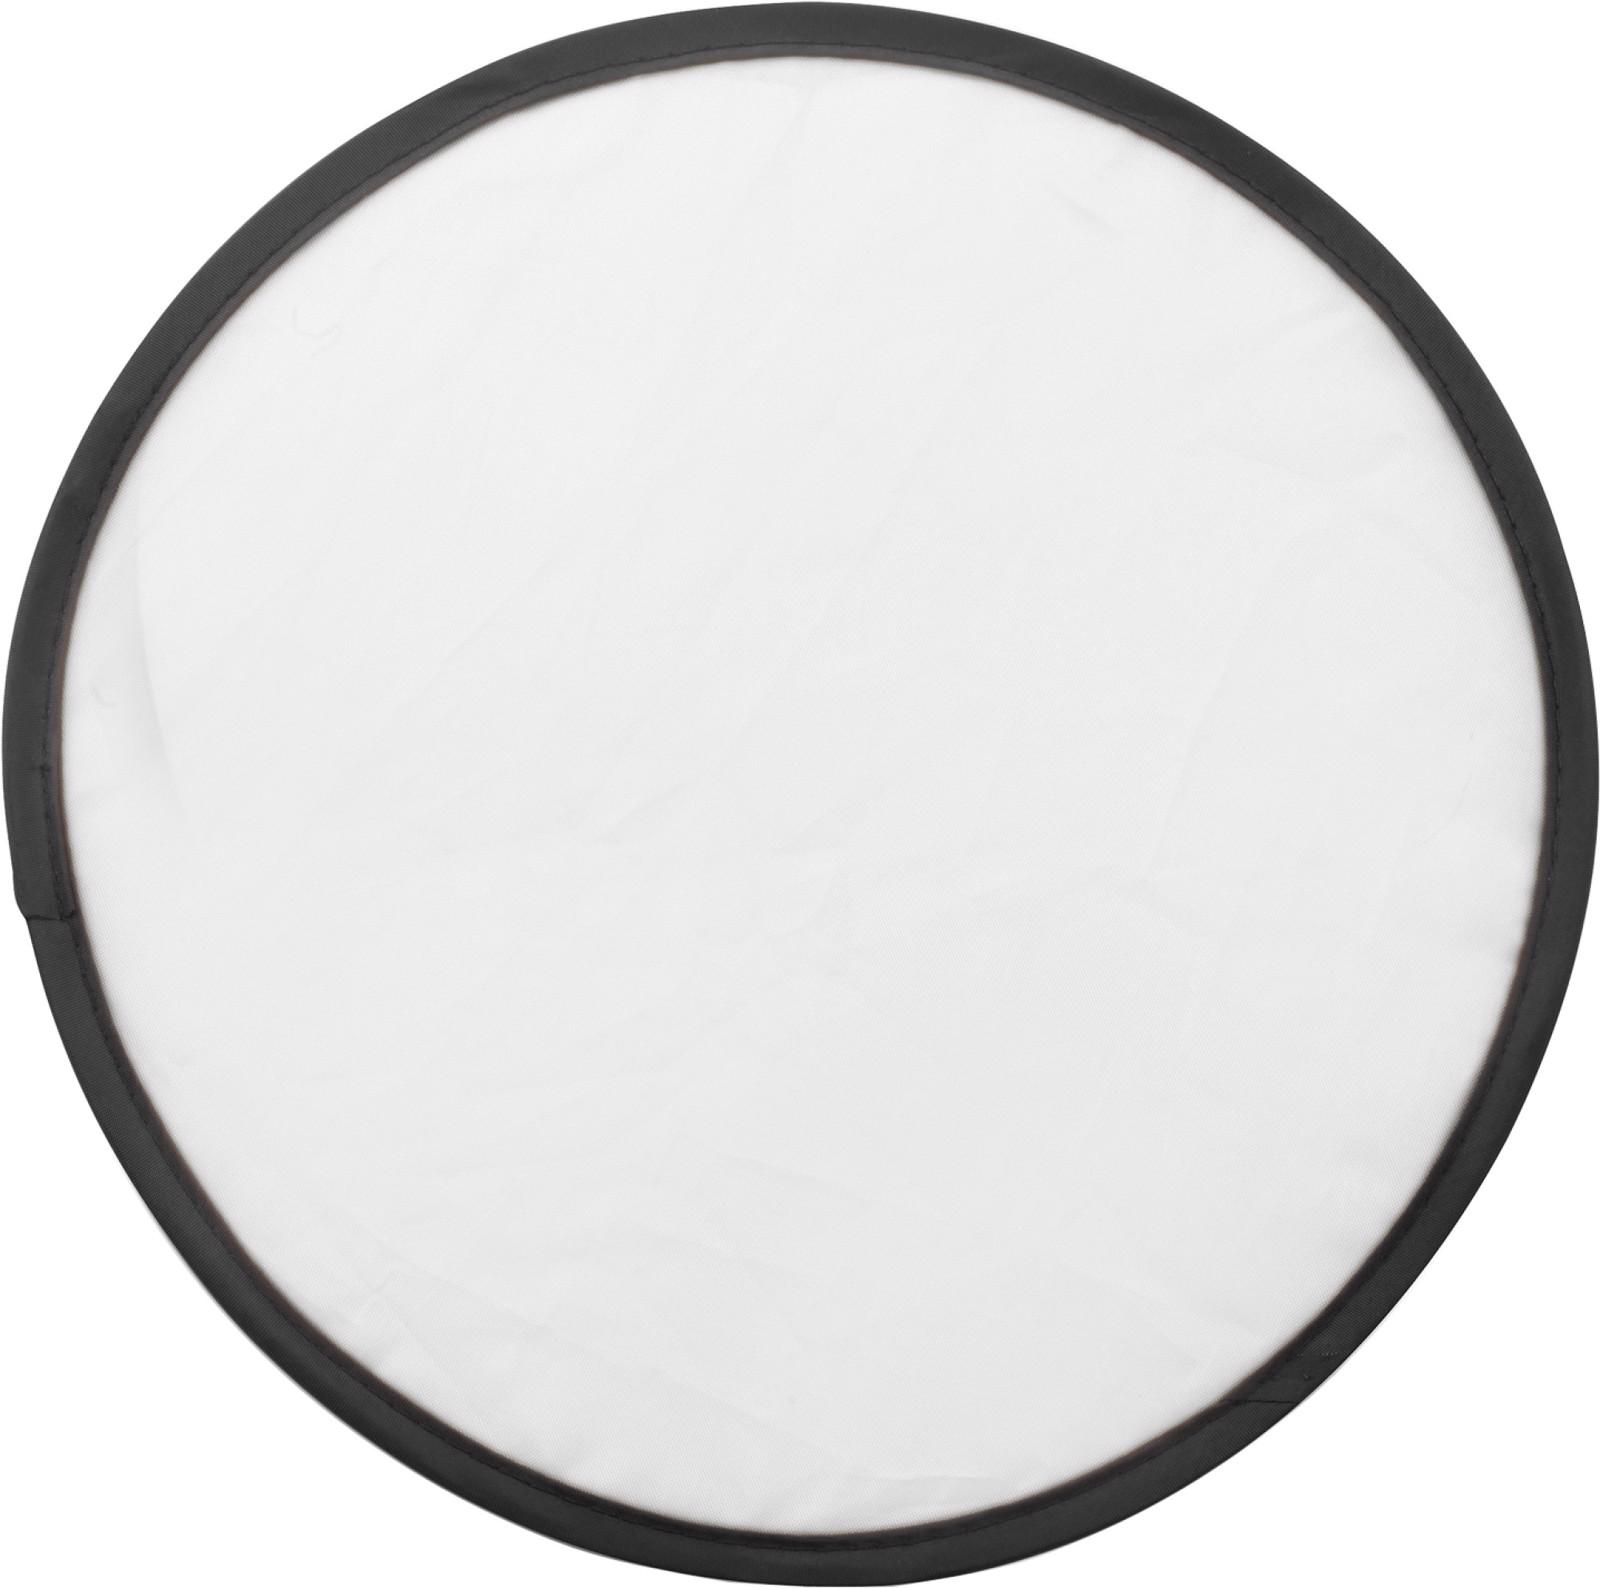 Nylon (170T) Frisbee - White